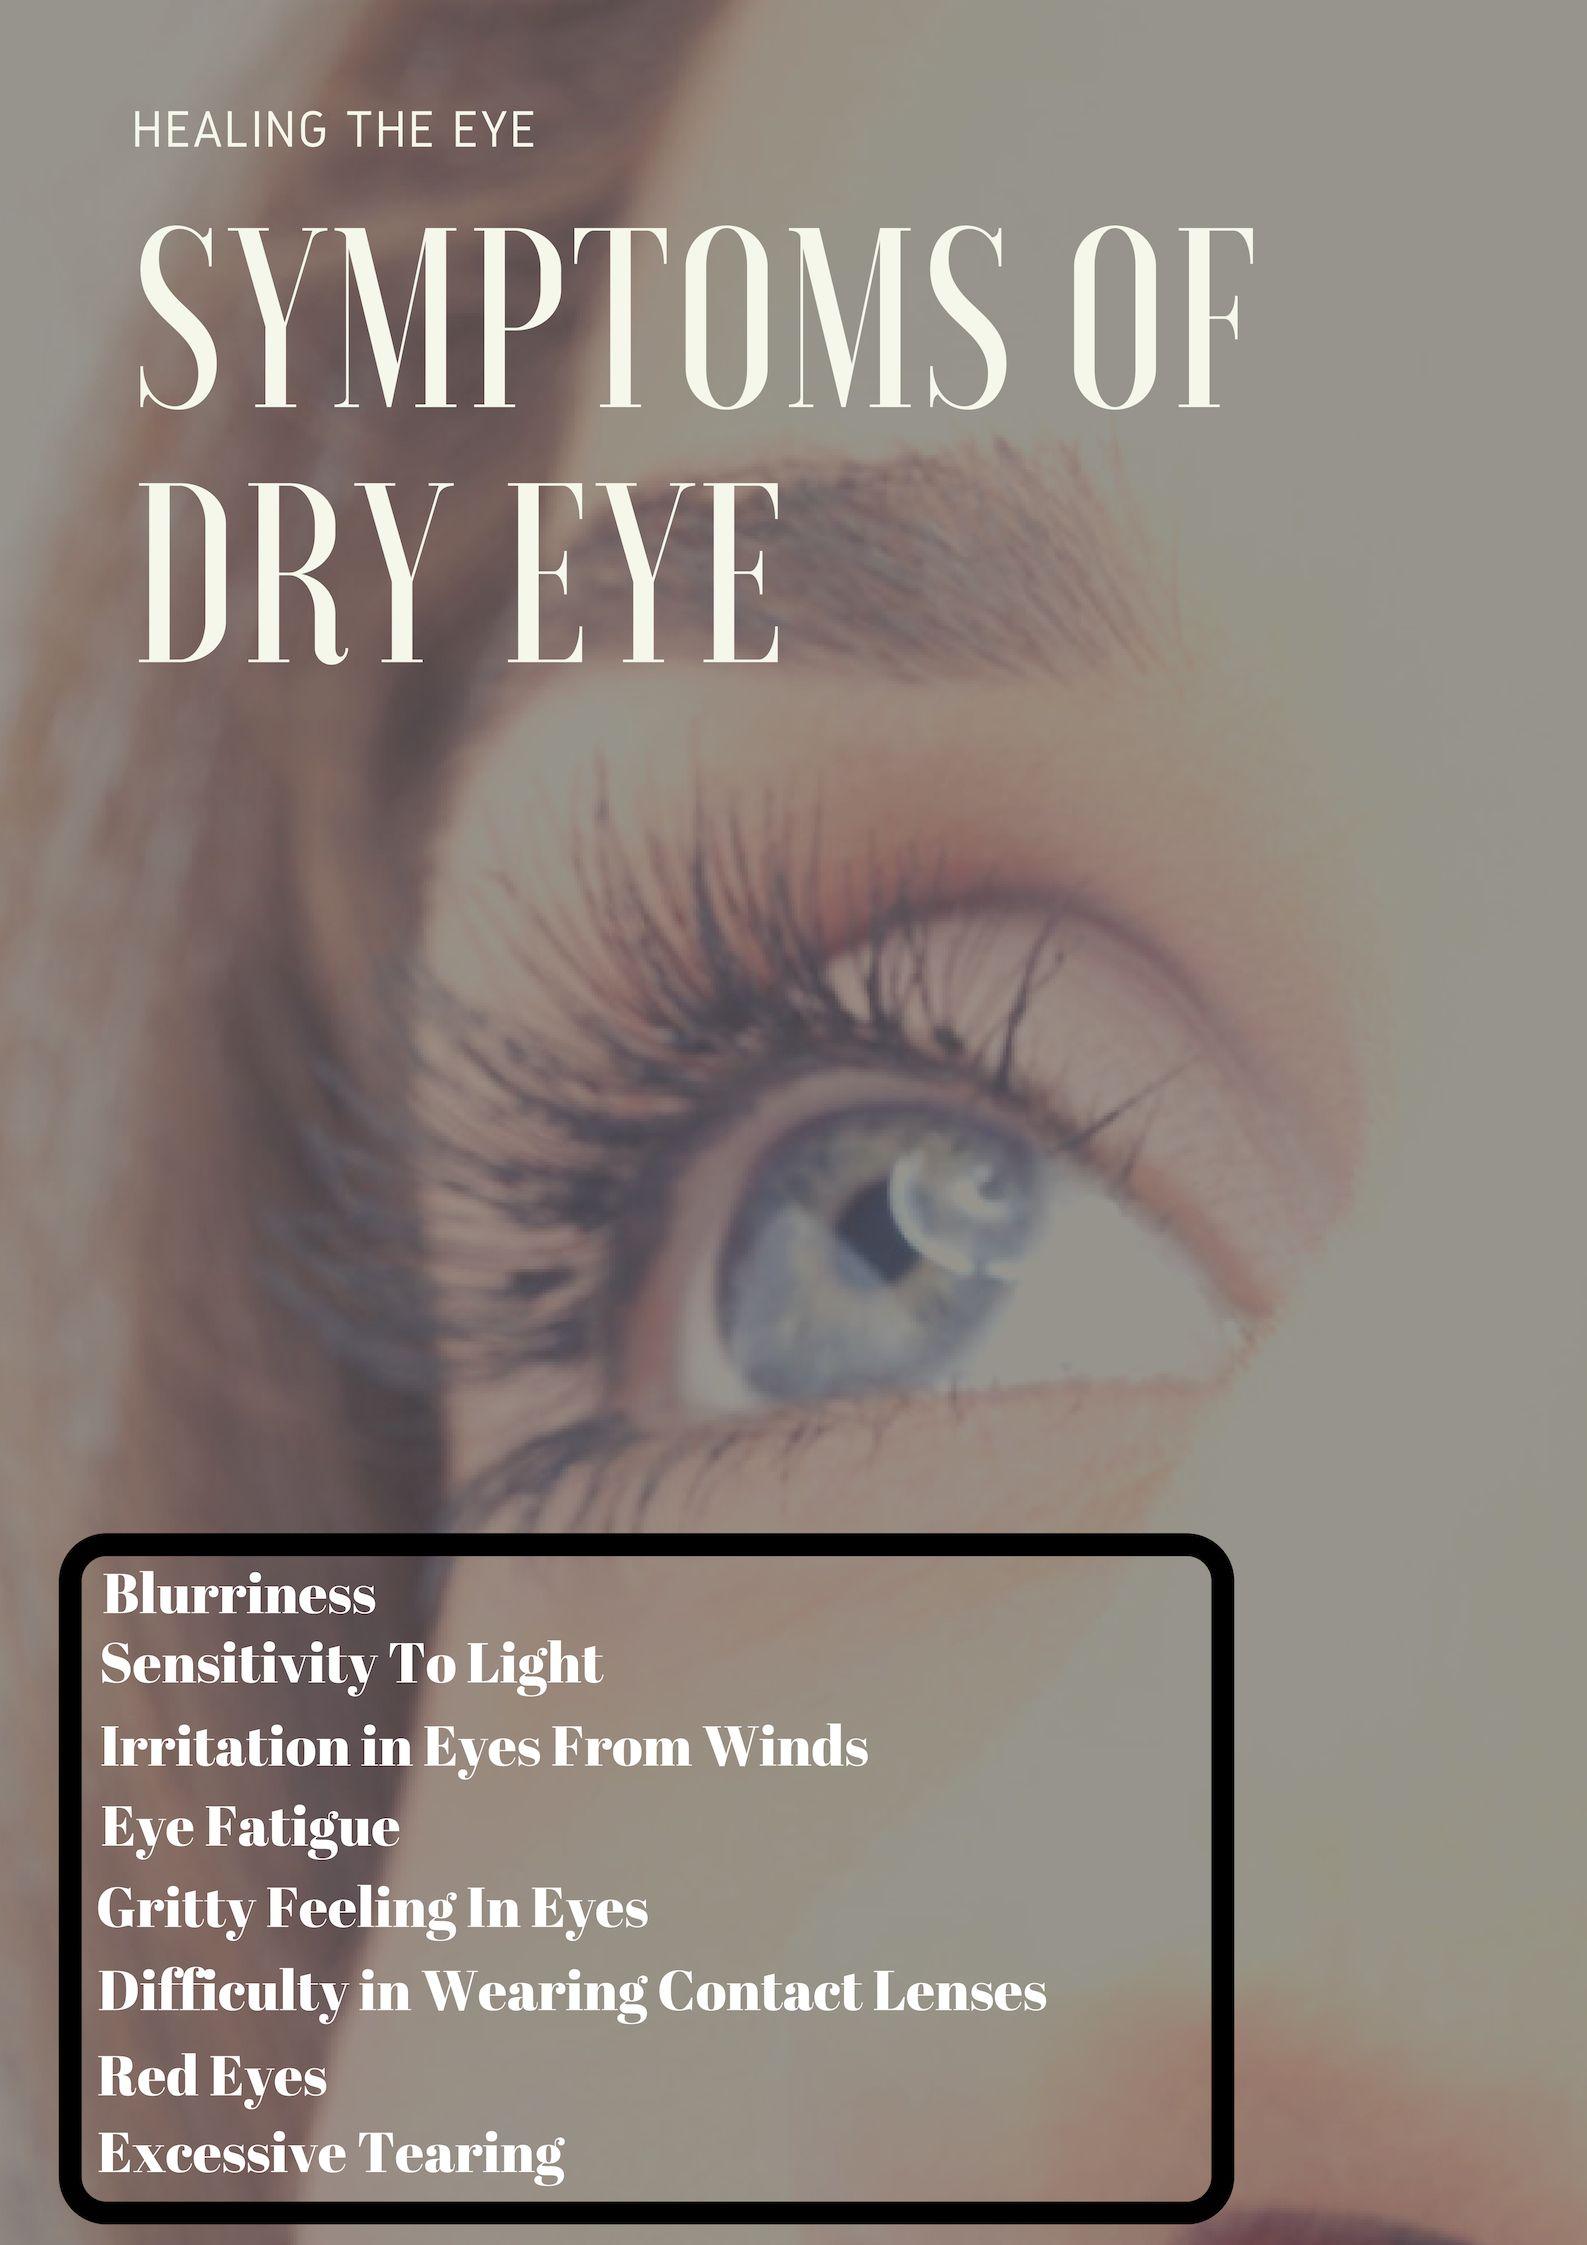 Americas best eye doctor center for healing the eye